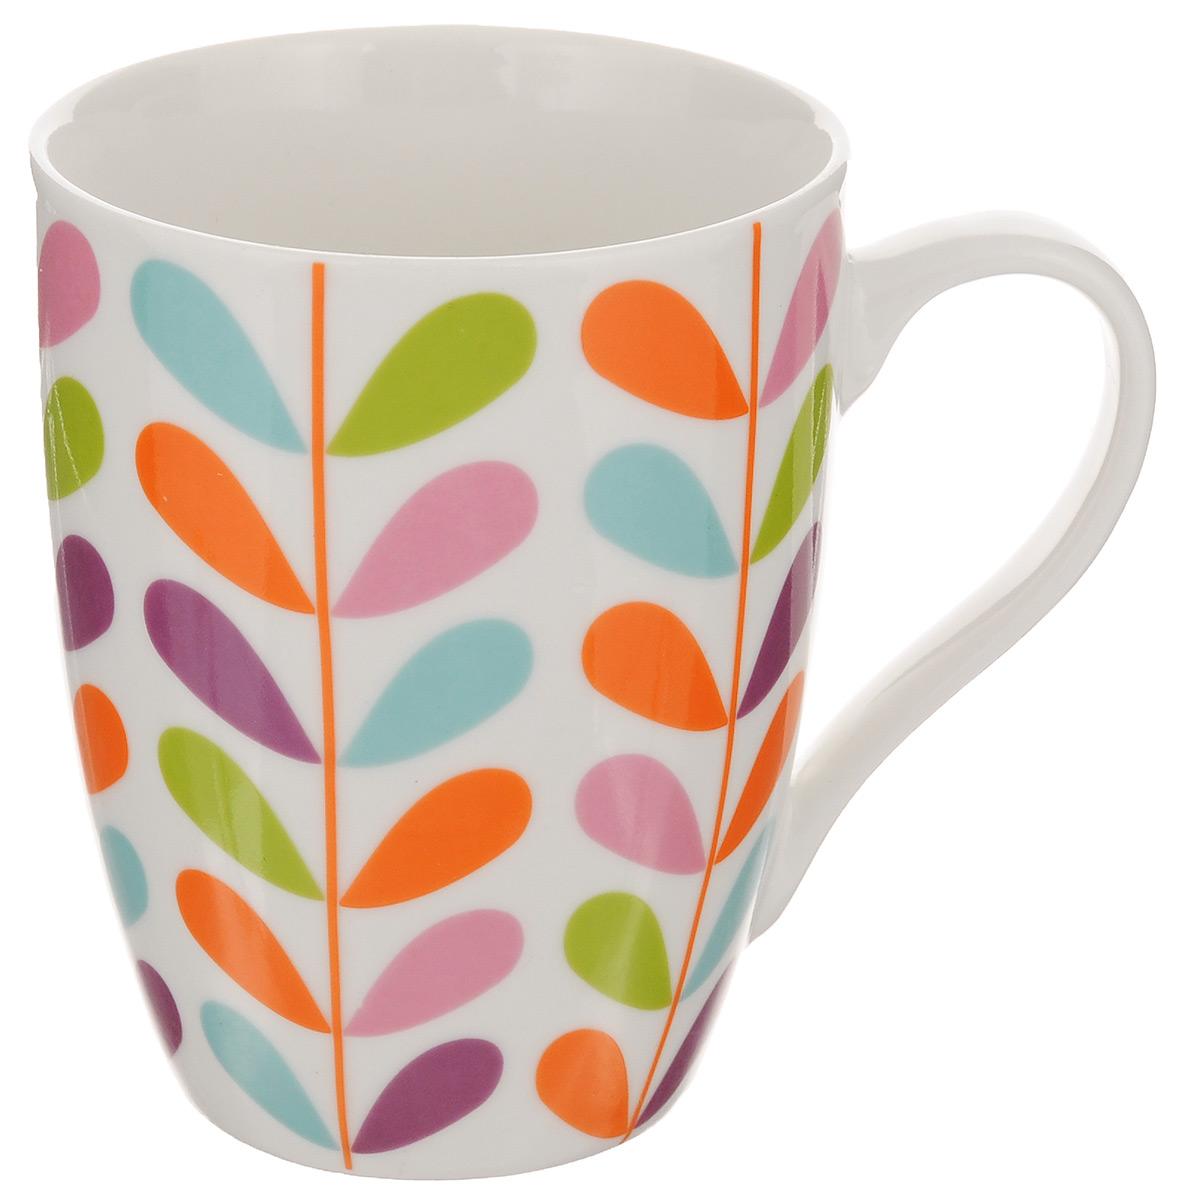 Кружка Walmer Barbery, цвет: белый, оранжевый, розовый, 350 млW09920235Кружка Walmer Barbery изготовлена из высококачественного фарфора. Изделие оформлено изысканным орнаментом. Такая кружка прекрасно оформит стол к чаепитию и станет его неизменным атрибутом. Не рекомендуется применять абразивные моющие средства. Диаметр (по верхнему краю): 8 см. Высота: 10,5 см.